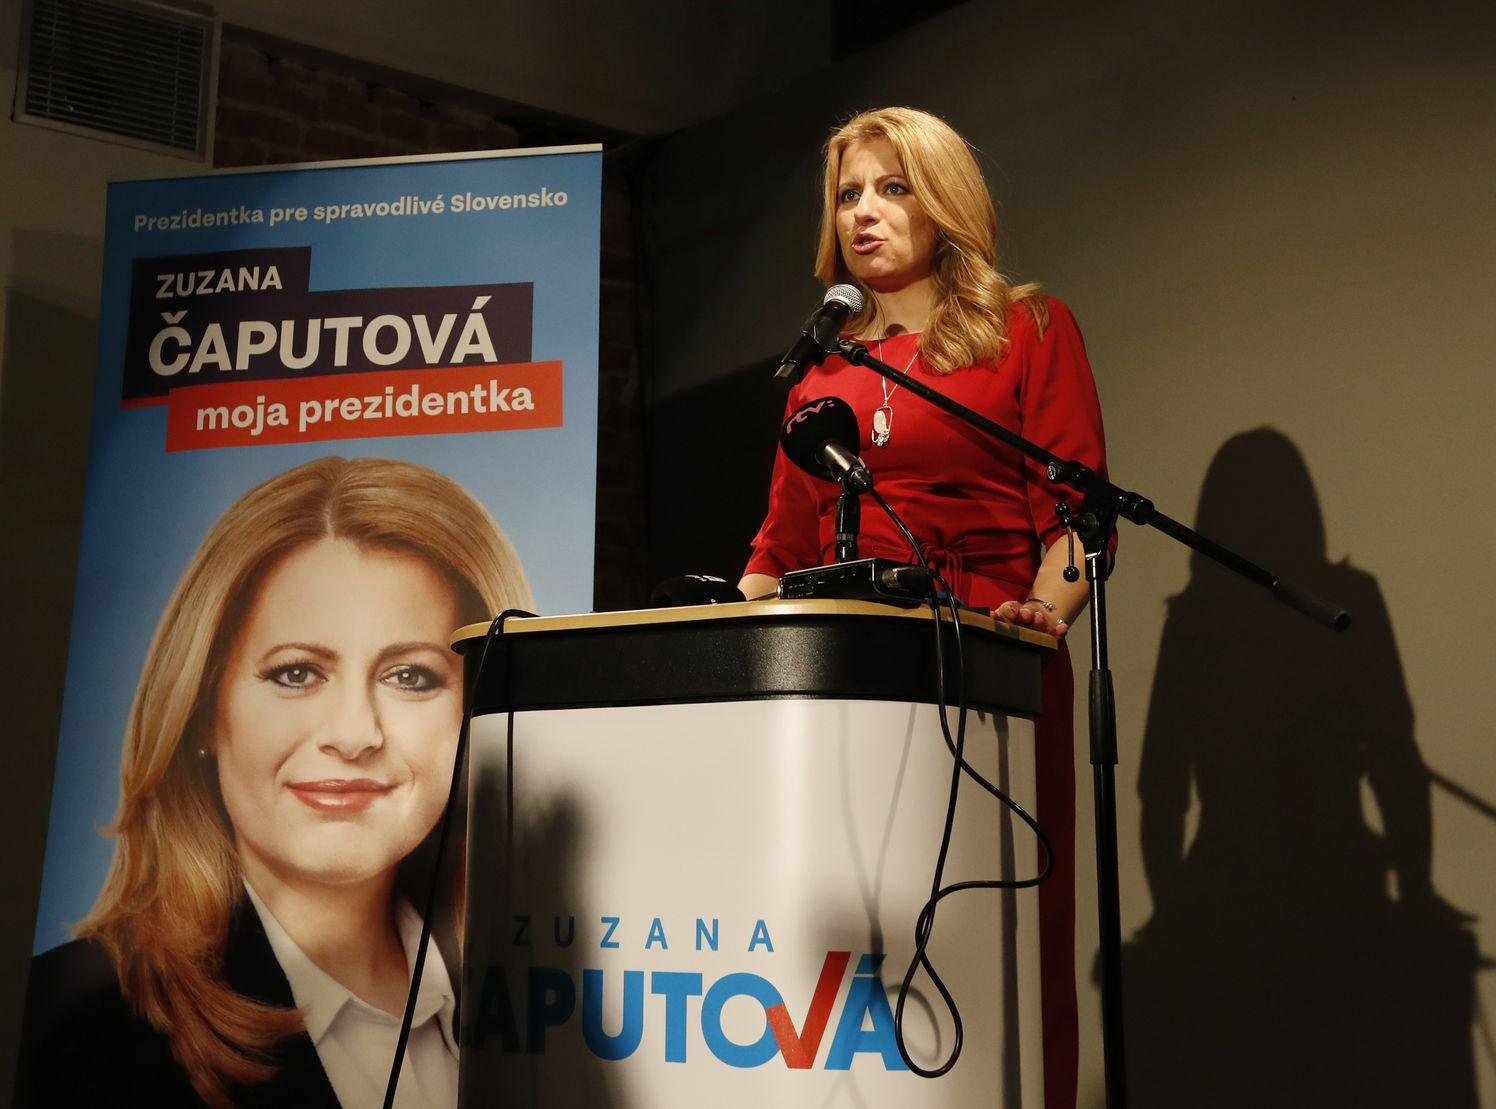 斯洛伐克举行总统大选首轮投票,由卡布托娃胜出。